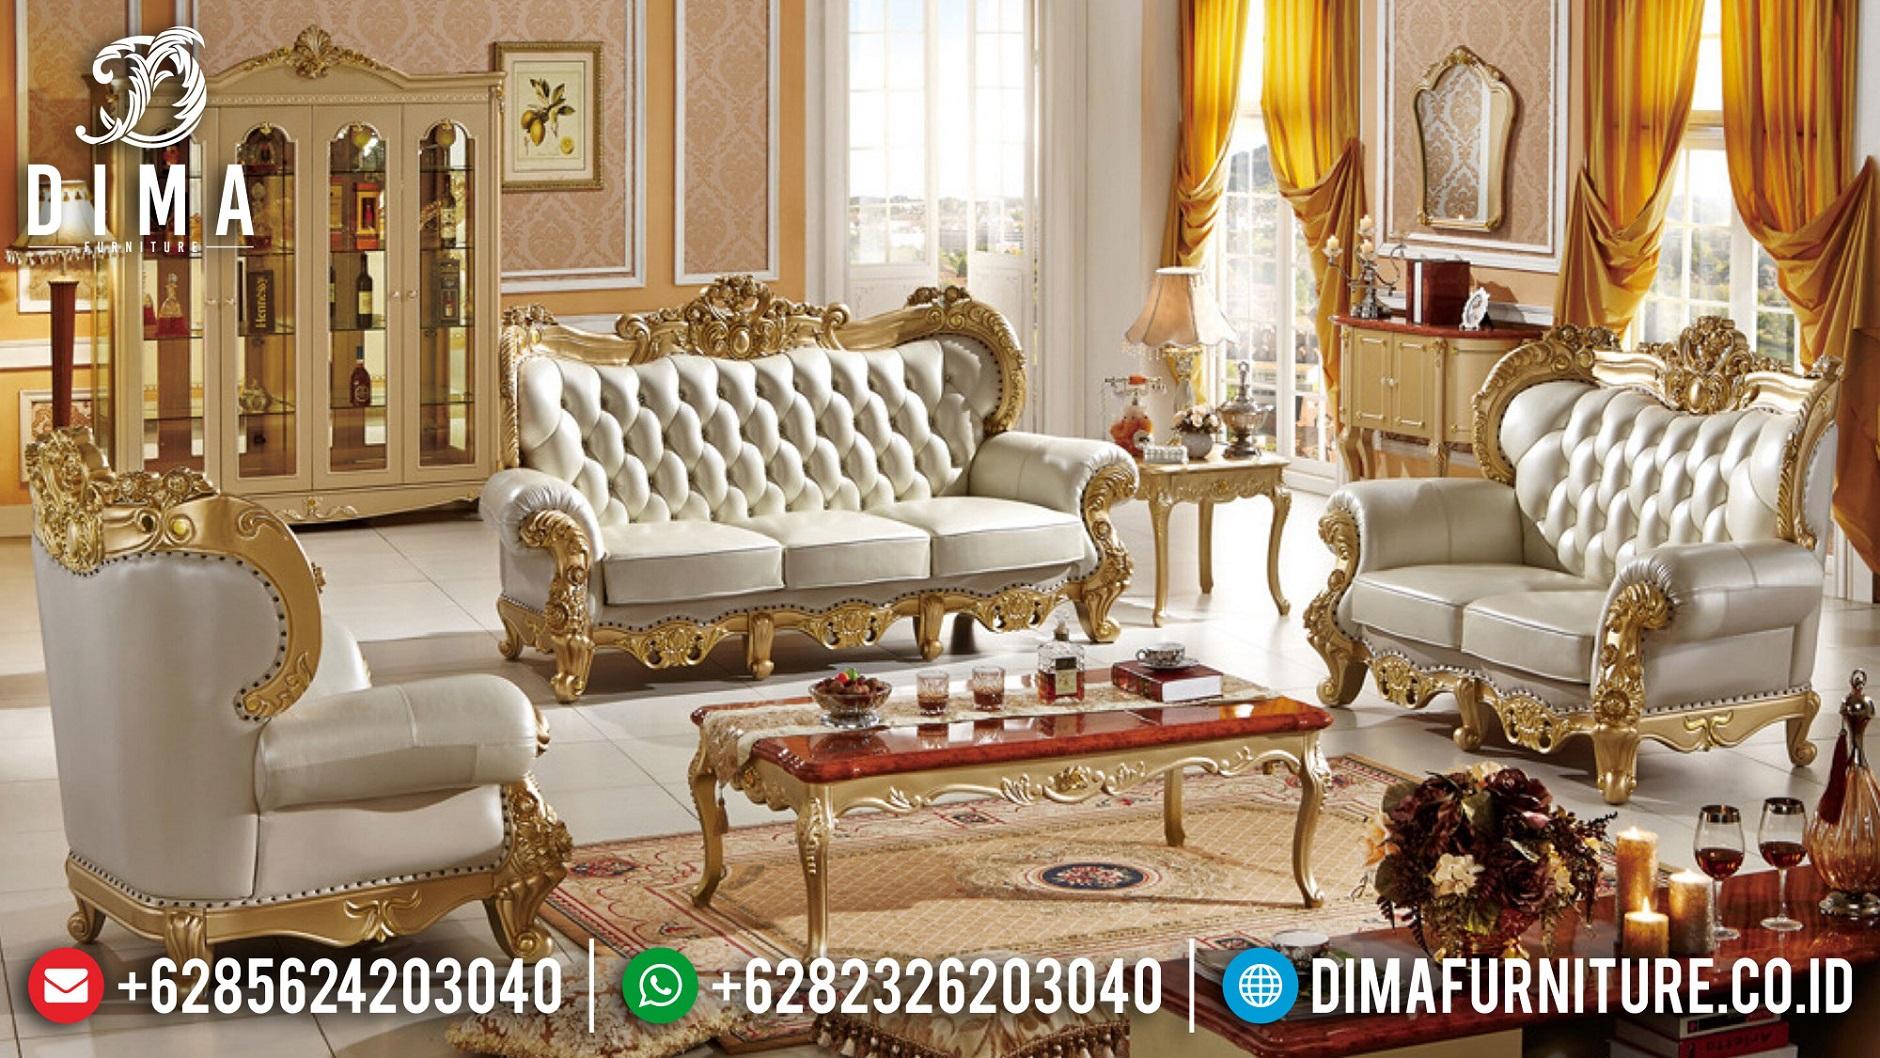 Sofa Tamu Jepara Terbaru New Luxury Design Mebel Jepara BT-1003